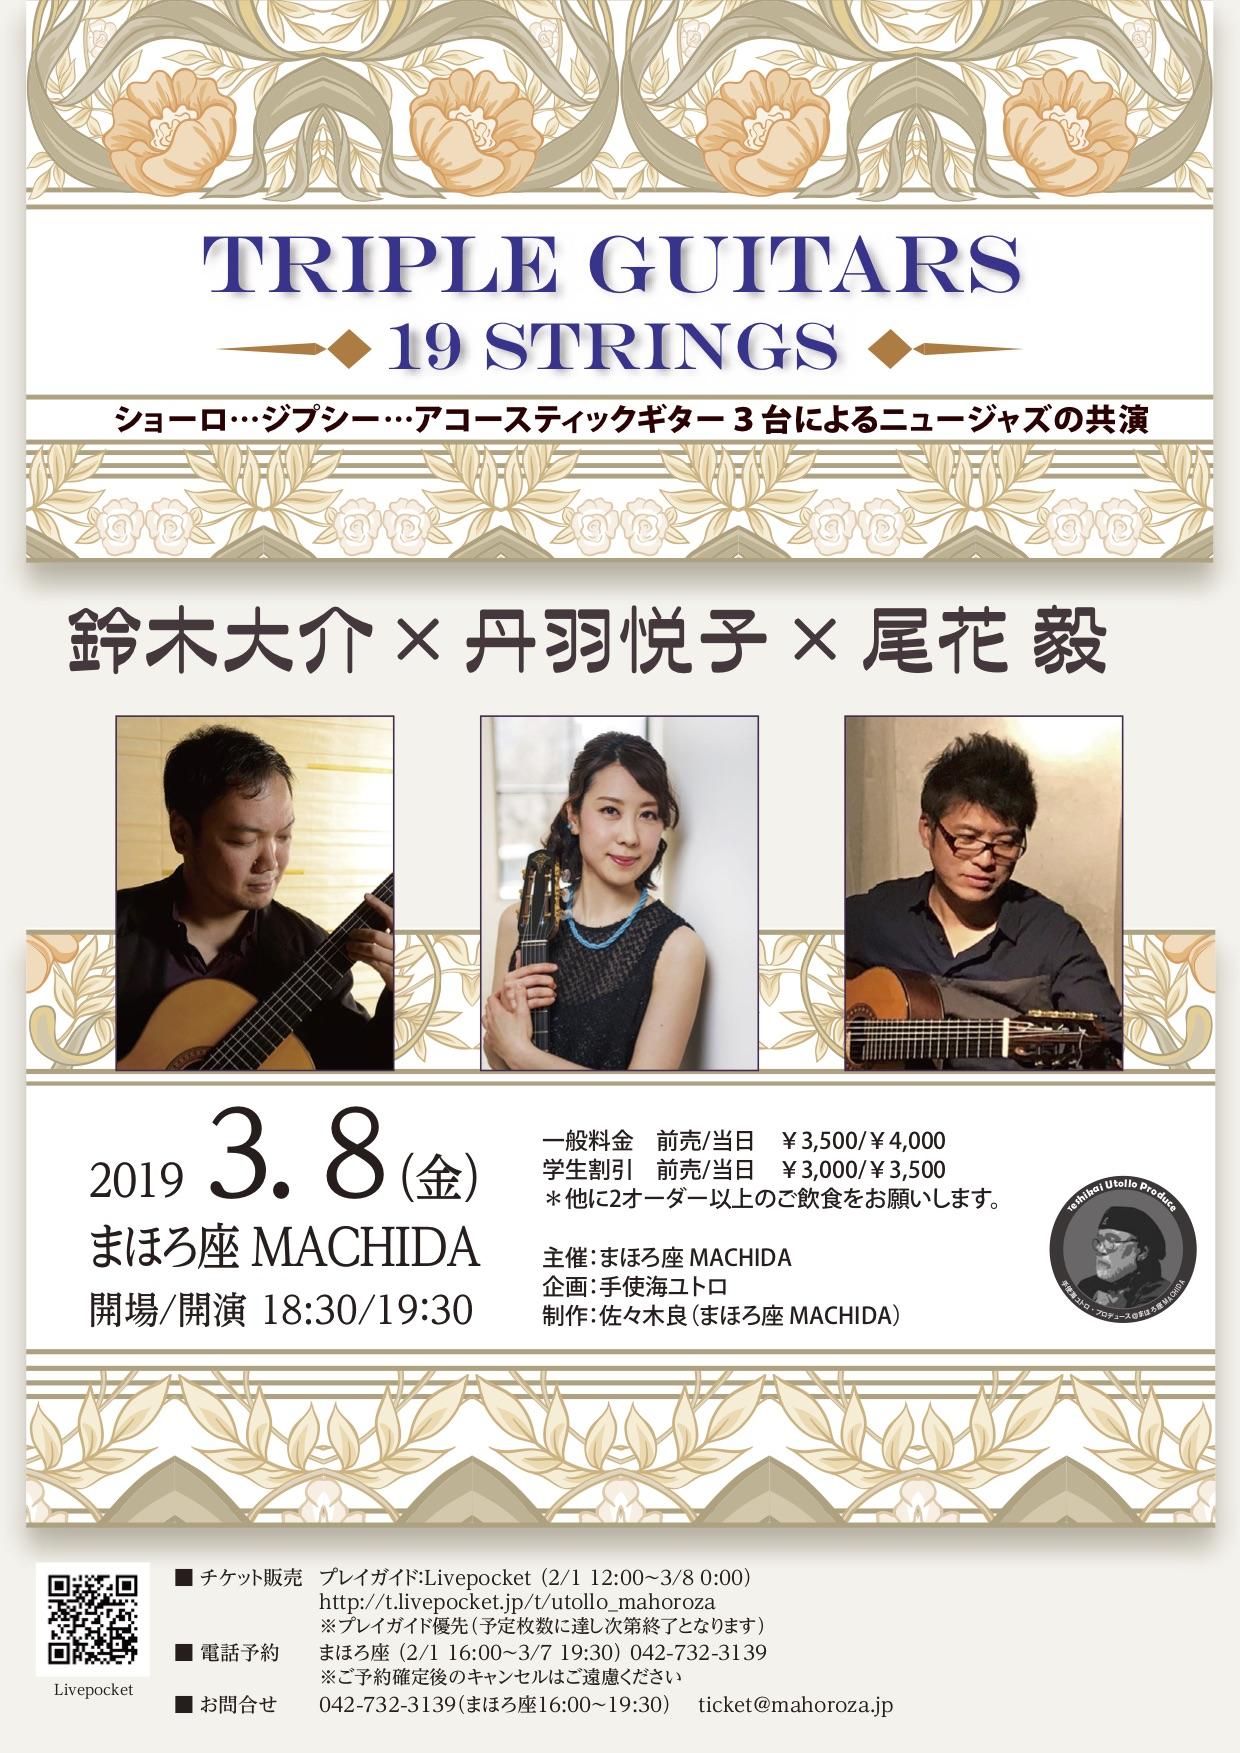 TRIPLE GUITAR - 19 STRINGS -